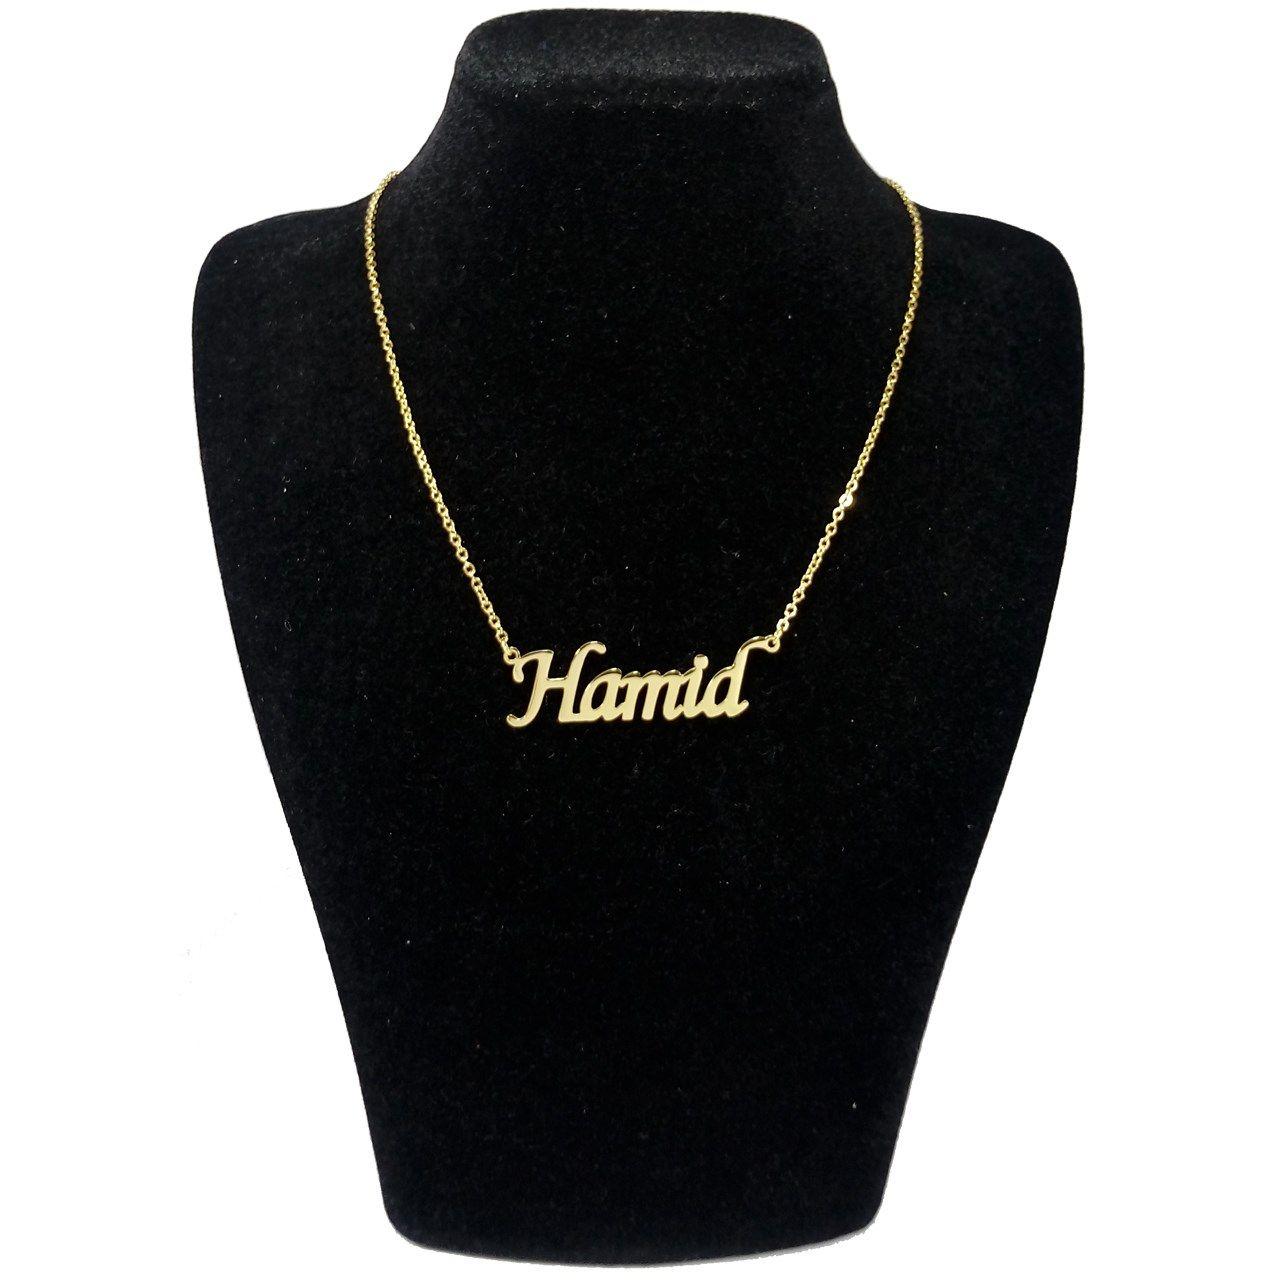 گردنبند آی جواهر طرح نام حمید انگلیسی کد 1100107GE -  - 1